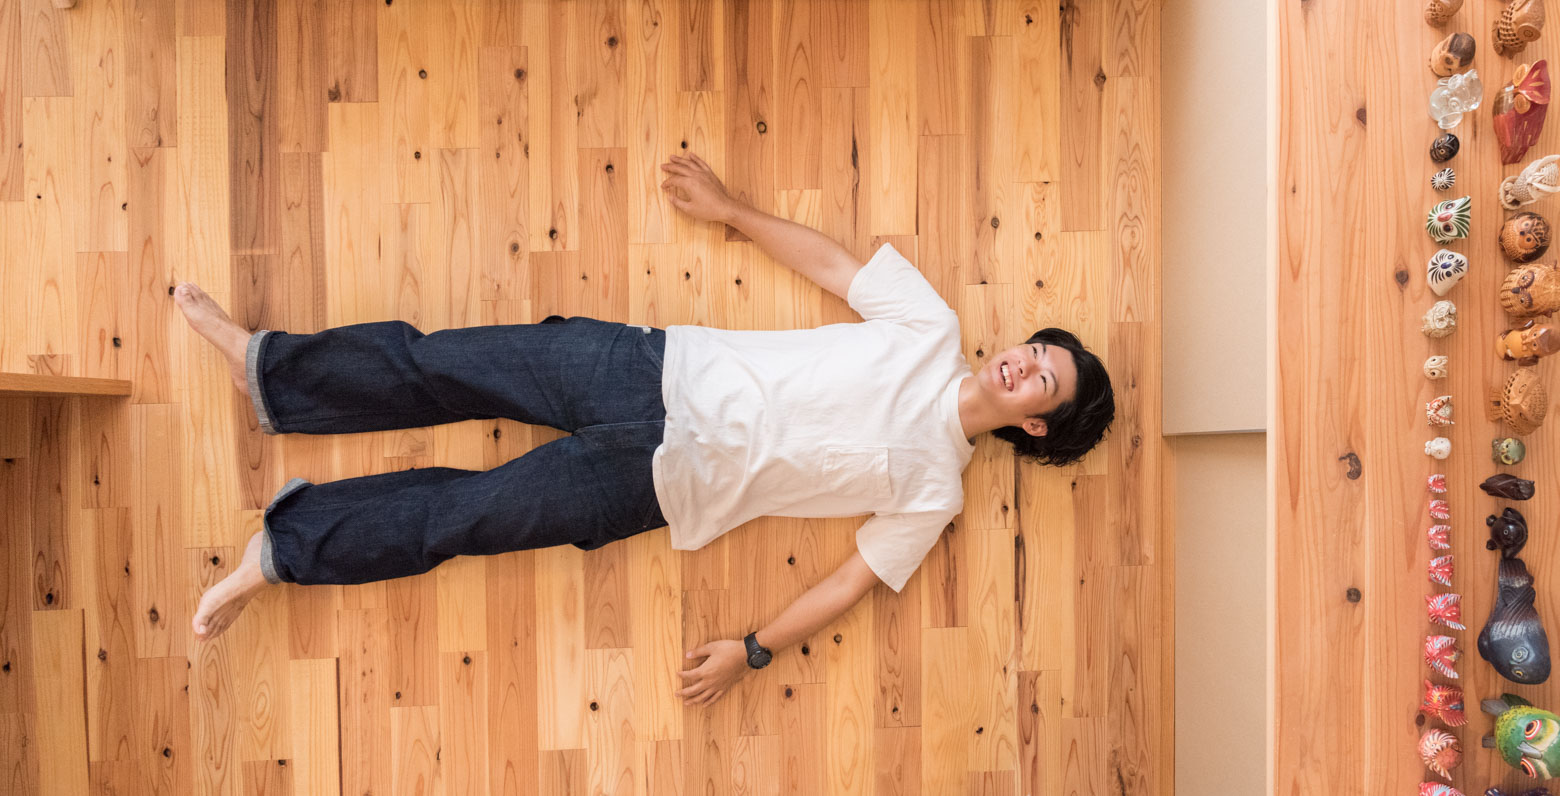 さいごこちらも恒例の「寝っ転がってポートレート」。フクロウたちとともに。